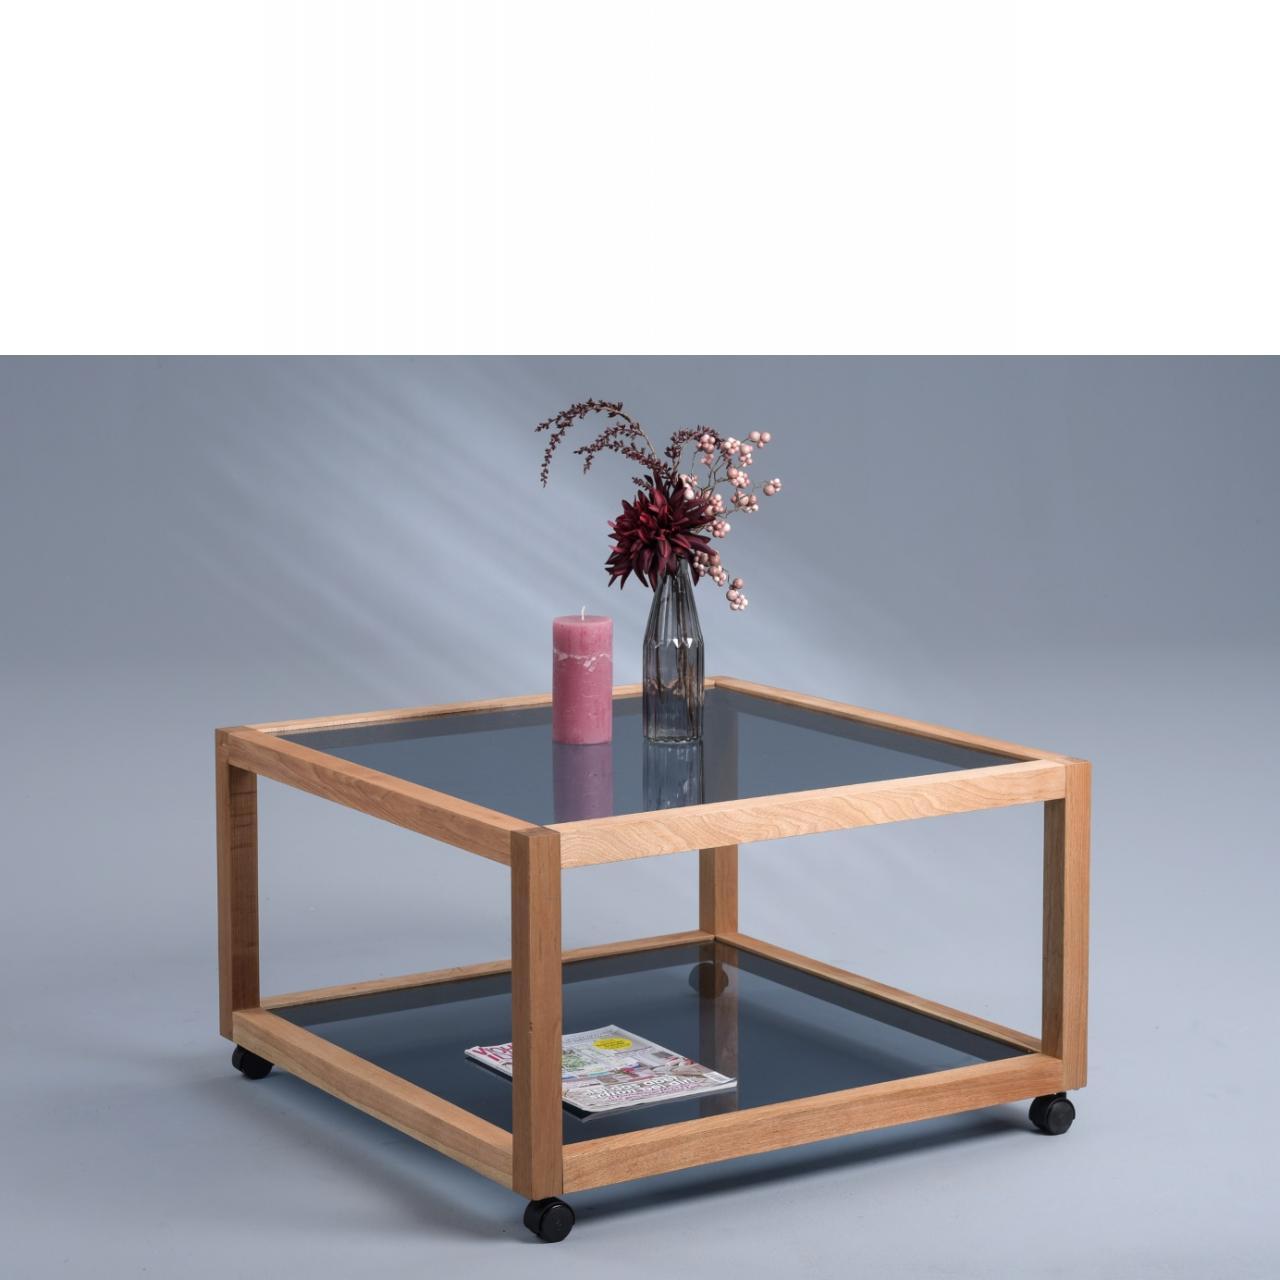 Couchtisch Manila 3 auf Rollen 78x78 cm Glas Massivholz Walnuss